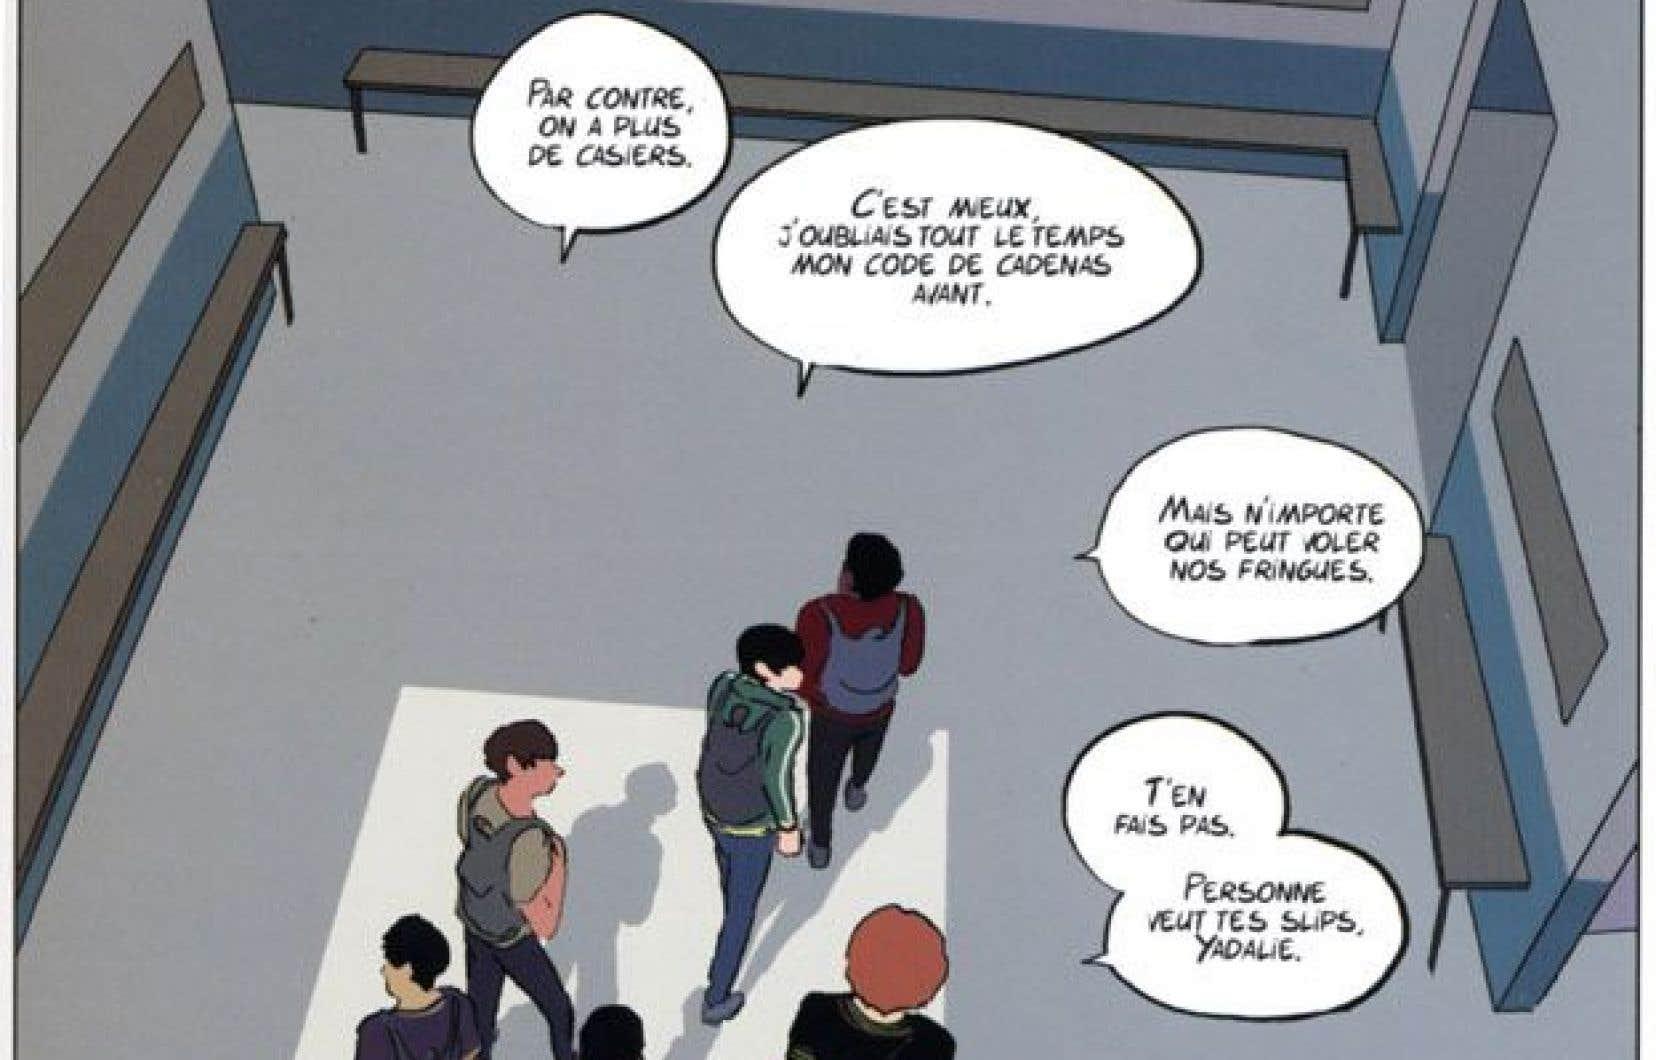 Le dernier Timothé Le Boucher propose une incursion dans le vestiaire des garçons d'une école secondaire, juste avant un cours d'éducation physique.